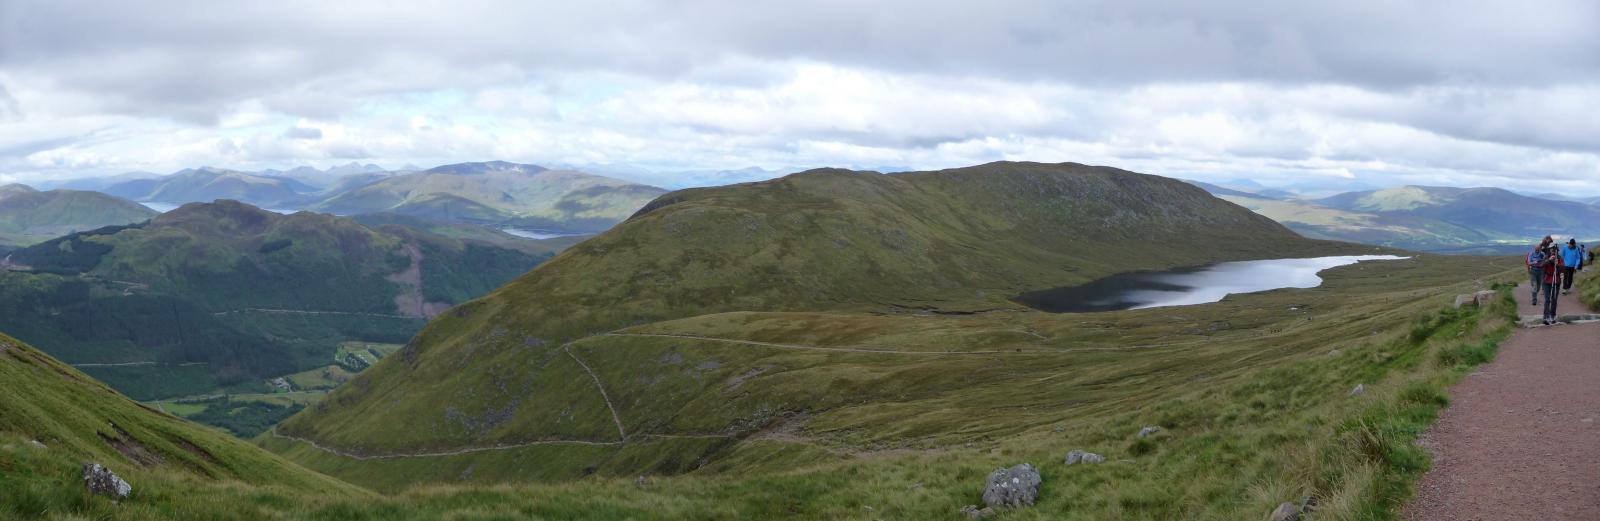 Panoramica sulla parte mediana dell'itinerario e sul Lochan Meall